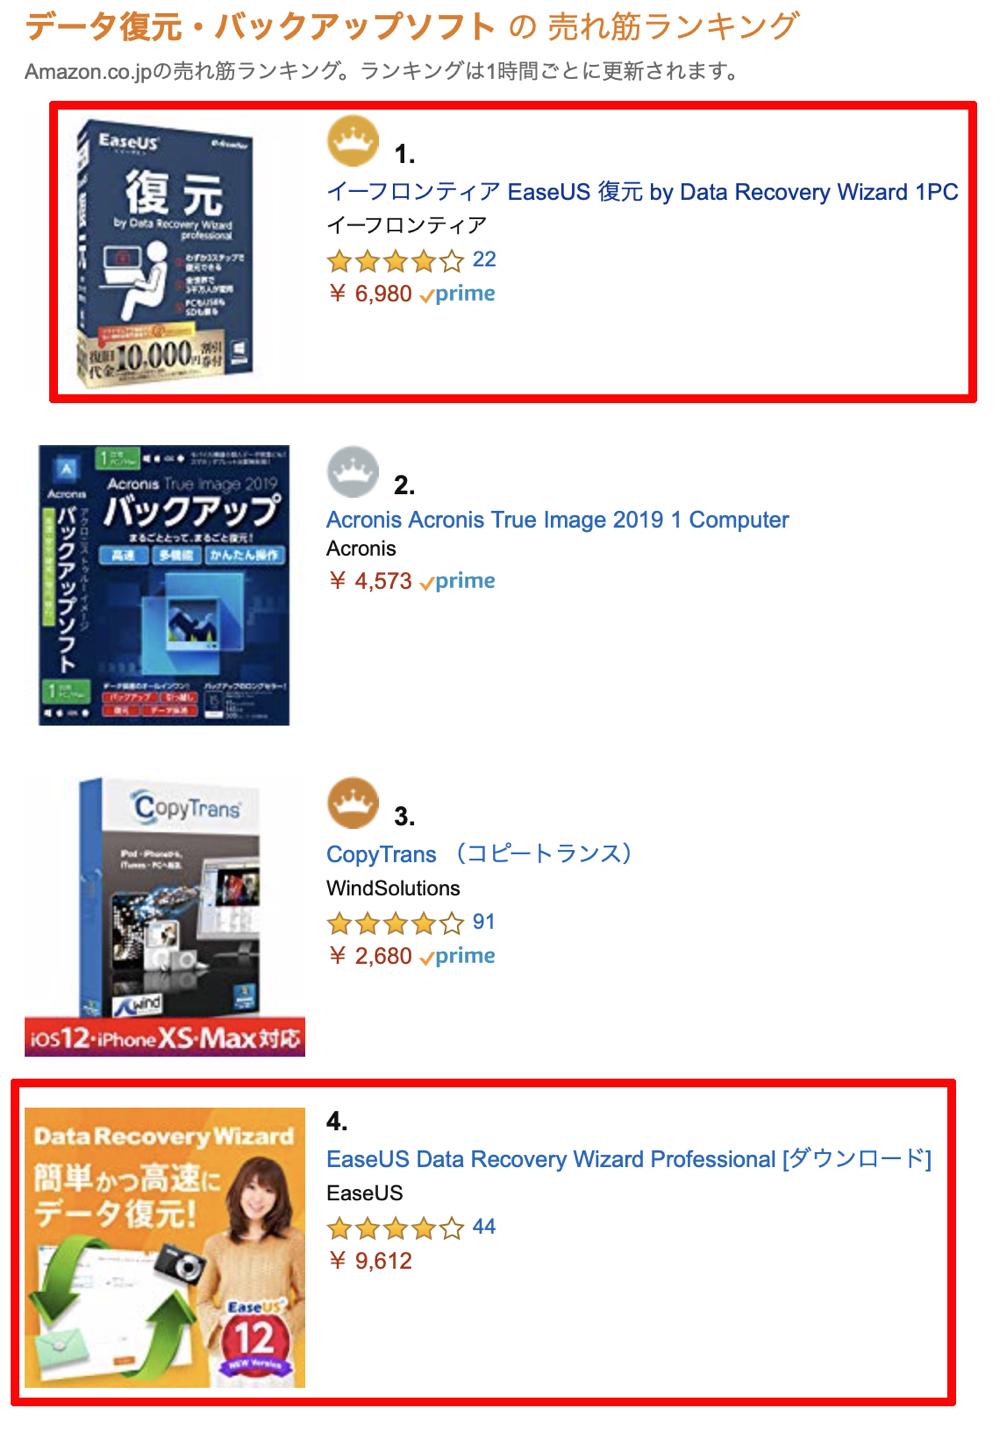 上位表示アマゾンのコピー